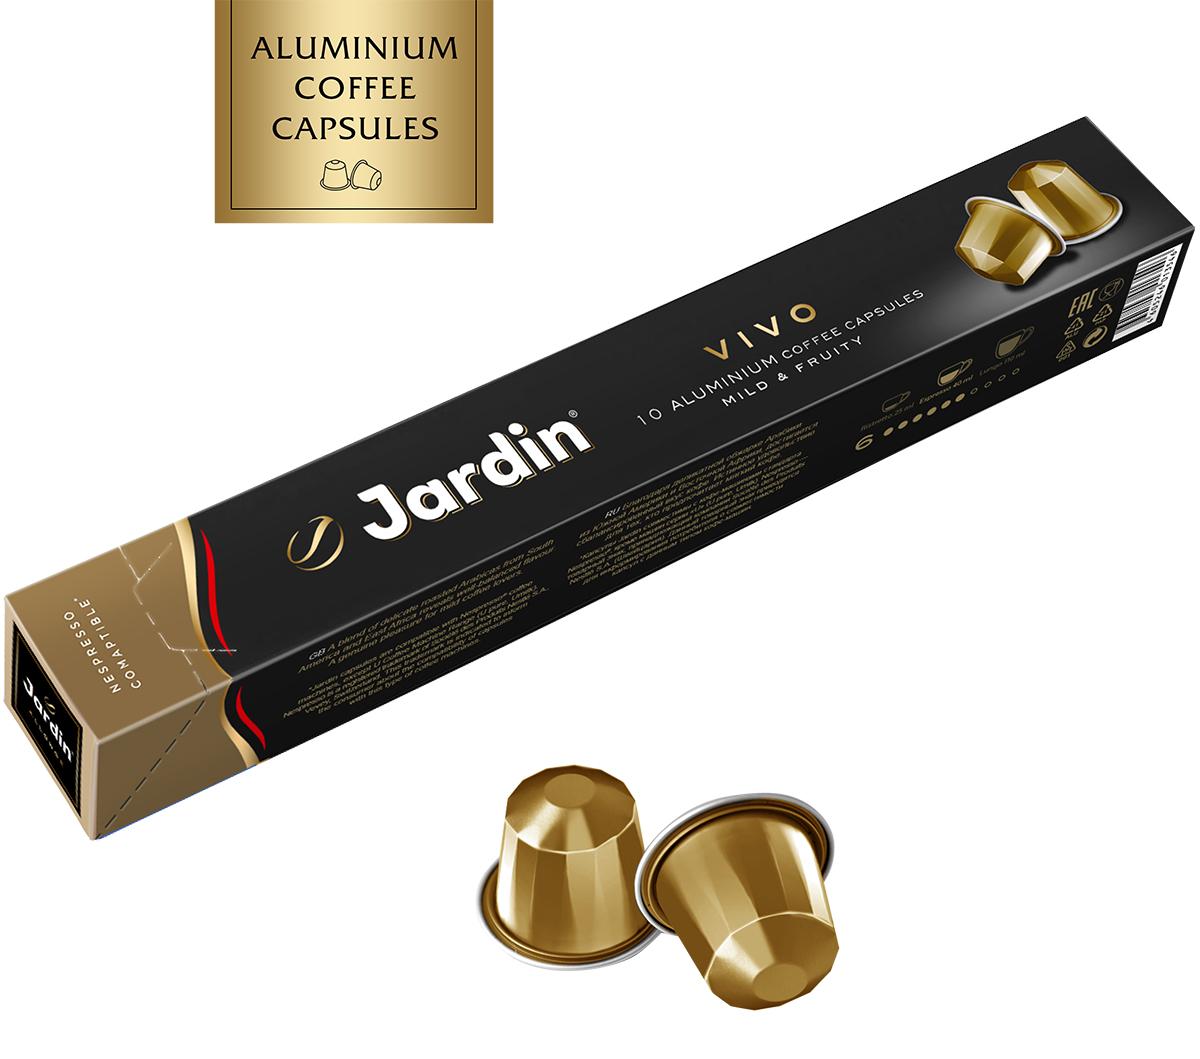 Jardin Vivo кофе жареный молотый в алюминиевых капсулах, 10 шт по 5 г блюз эспрессо по ирландски кофе молотый в капсулах 10 шт